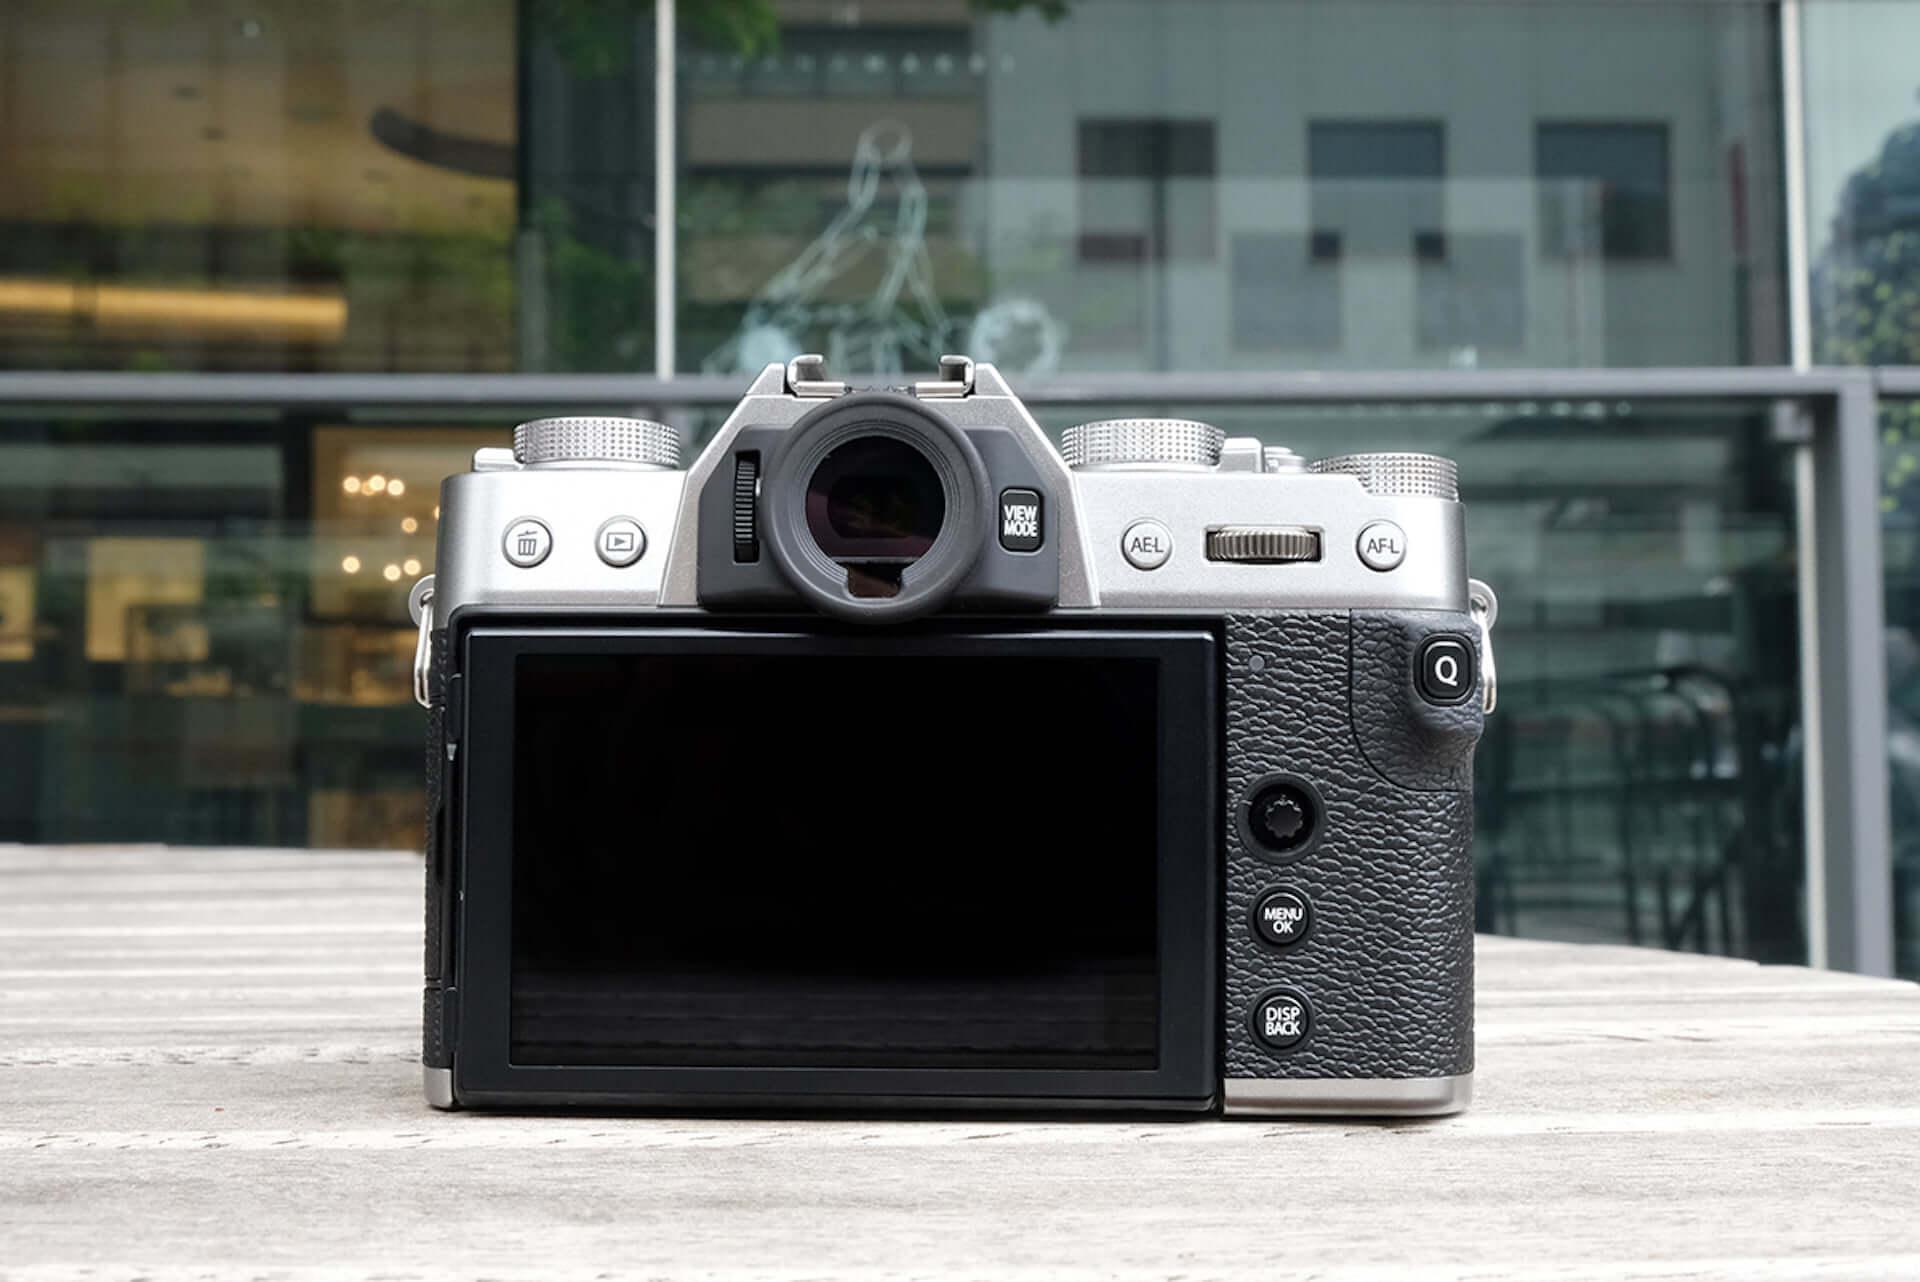 上位機種と同等の高性能センサーを搭載!FUJIFILM Xシリーズ最新デジタルカメラ「X-T30」をレビュー xt30-review_9090-1920x1282